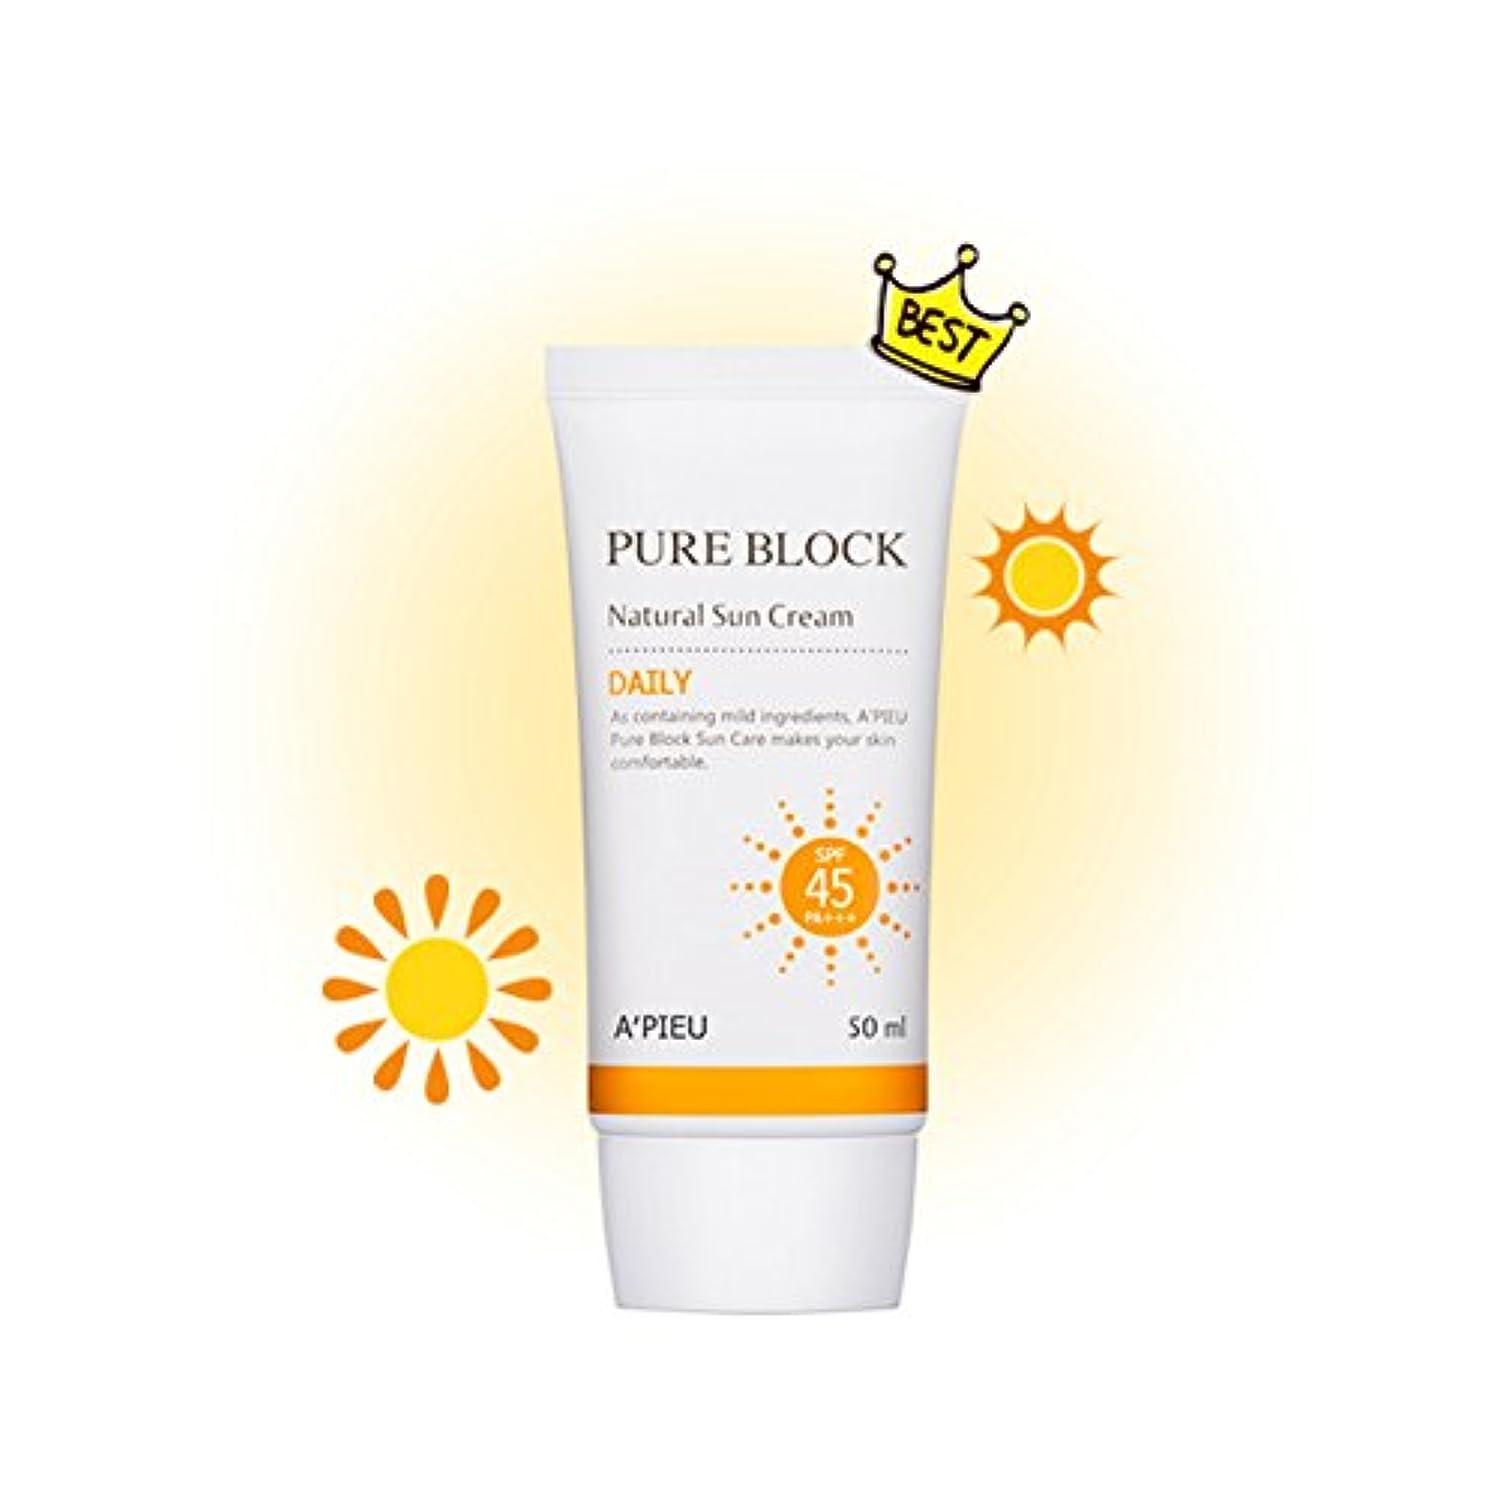 元の読み書きのできないシート[オピュ] A'PIEU ピュアブロックナチュラルデイリー日焼け止め Pure Block Natural Daily Sun Cream SPF 45 PA+++ [並行輸入品]